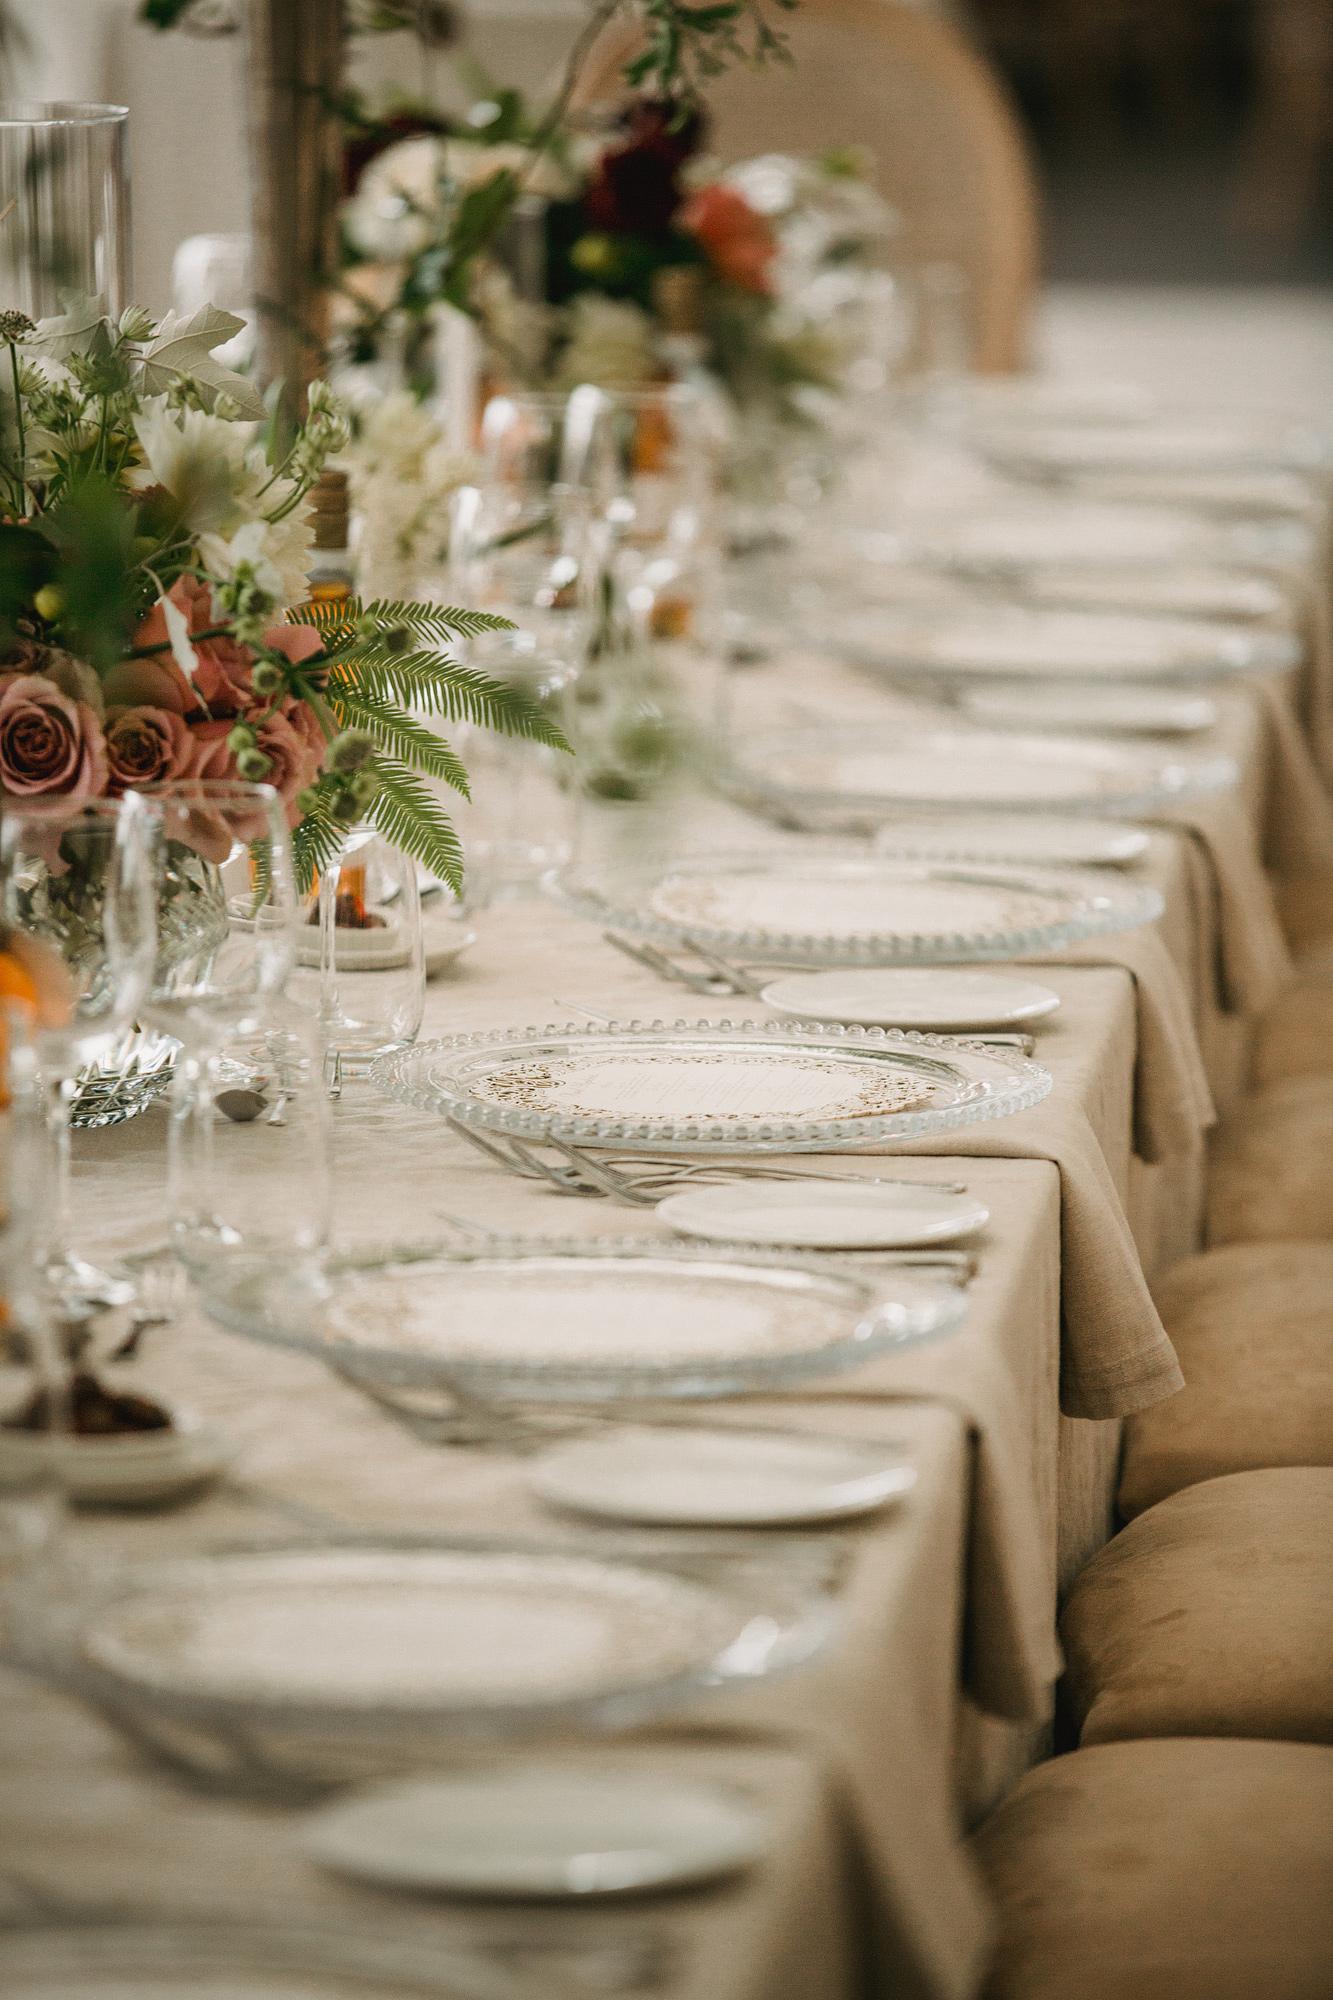 Ceci_New_York_Custom_Invitation_Australia_Perth_Destination_Wedding_Luxury_Personalized_Ceci_Style_Bride_55.jpg